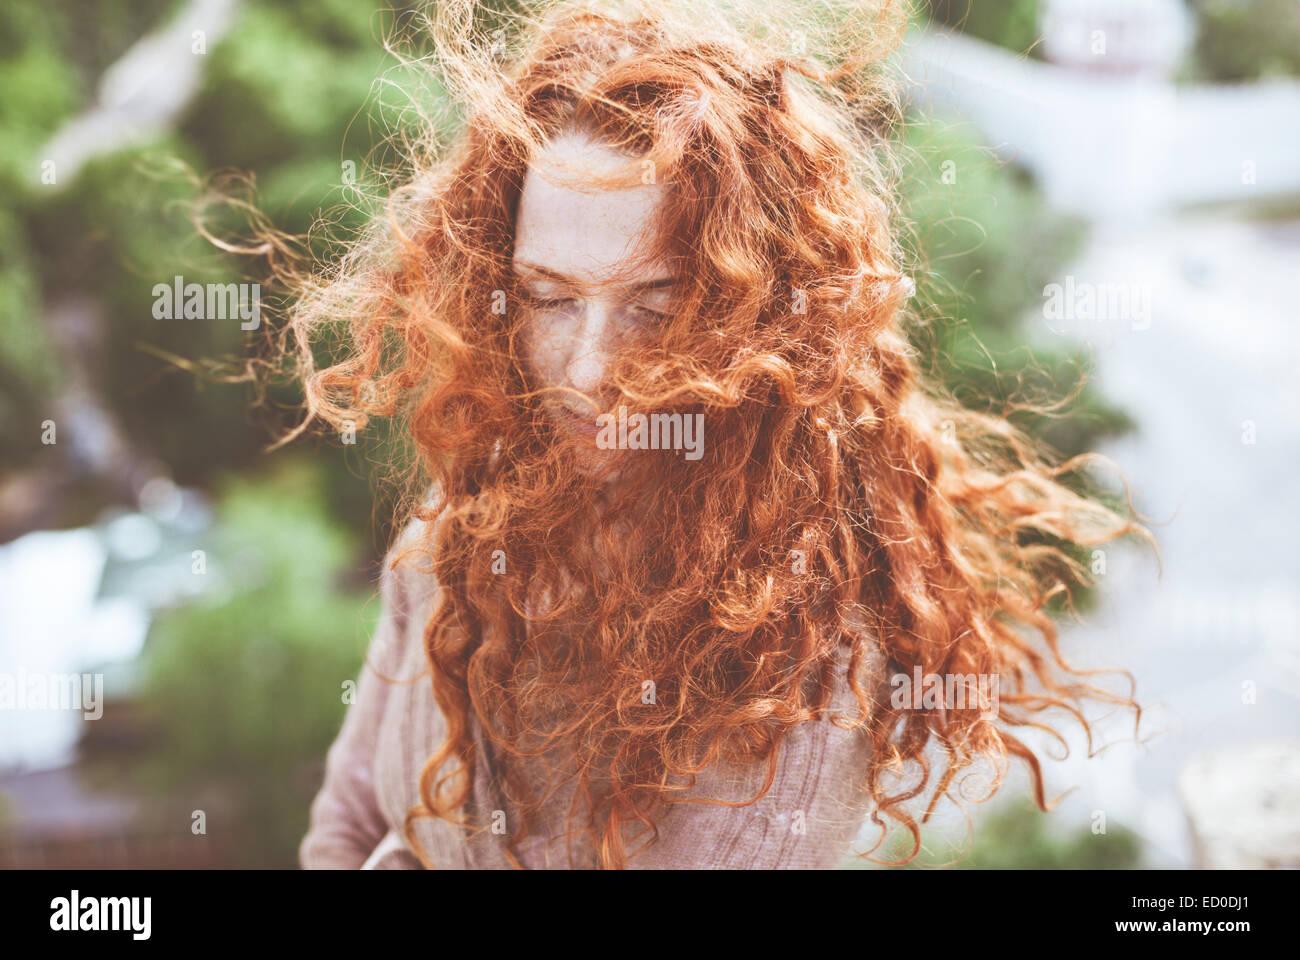 Porträt der jungen Frau mit langen, lockigen roten Haaren Stockbild